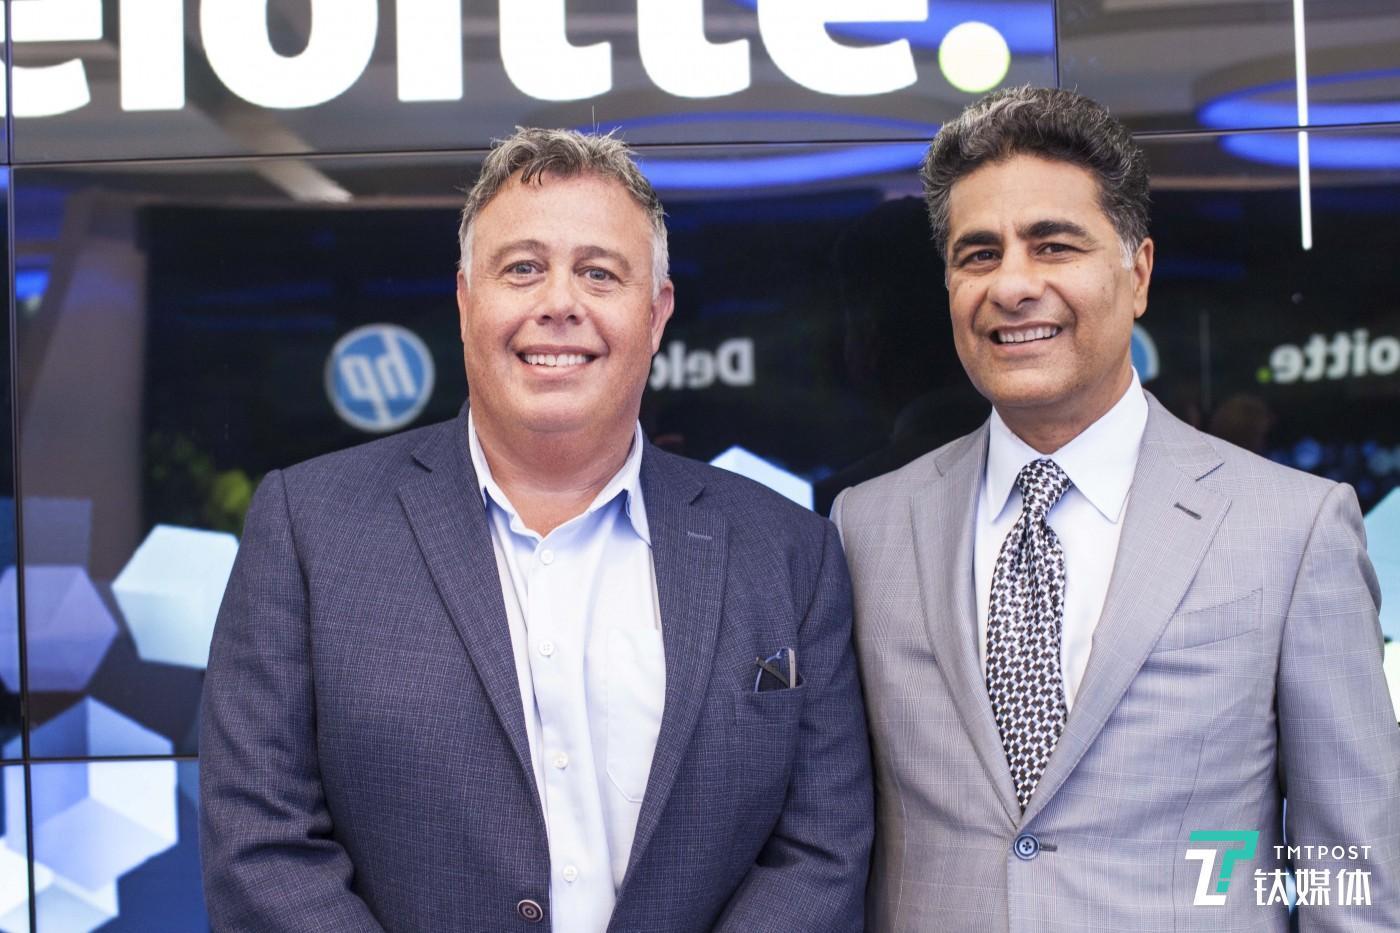 HP CEO Dion Weisler CEO Punit Renjen Deloitte Global CEO